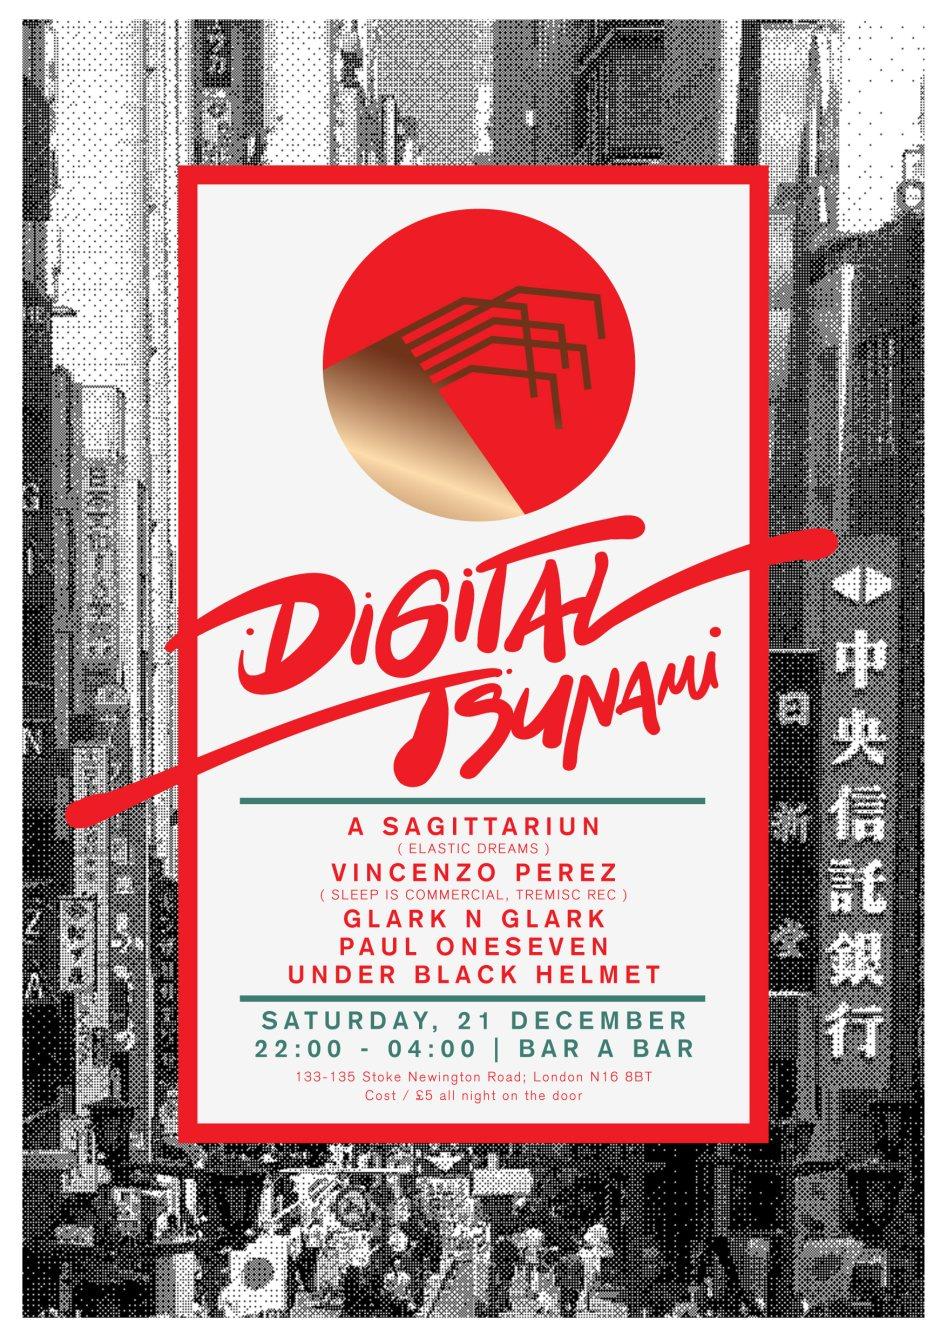 Digital Tsunami: A Sagittariun